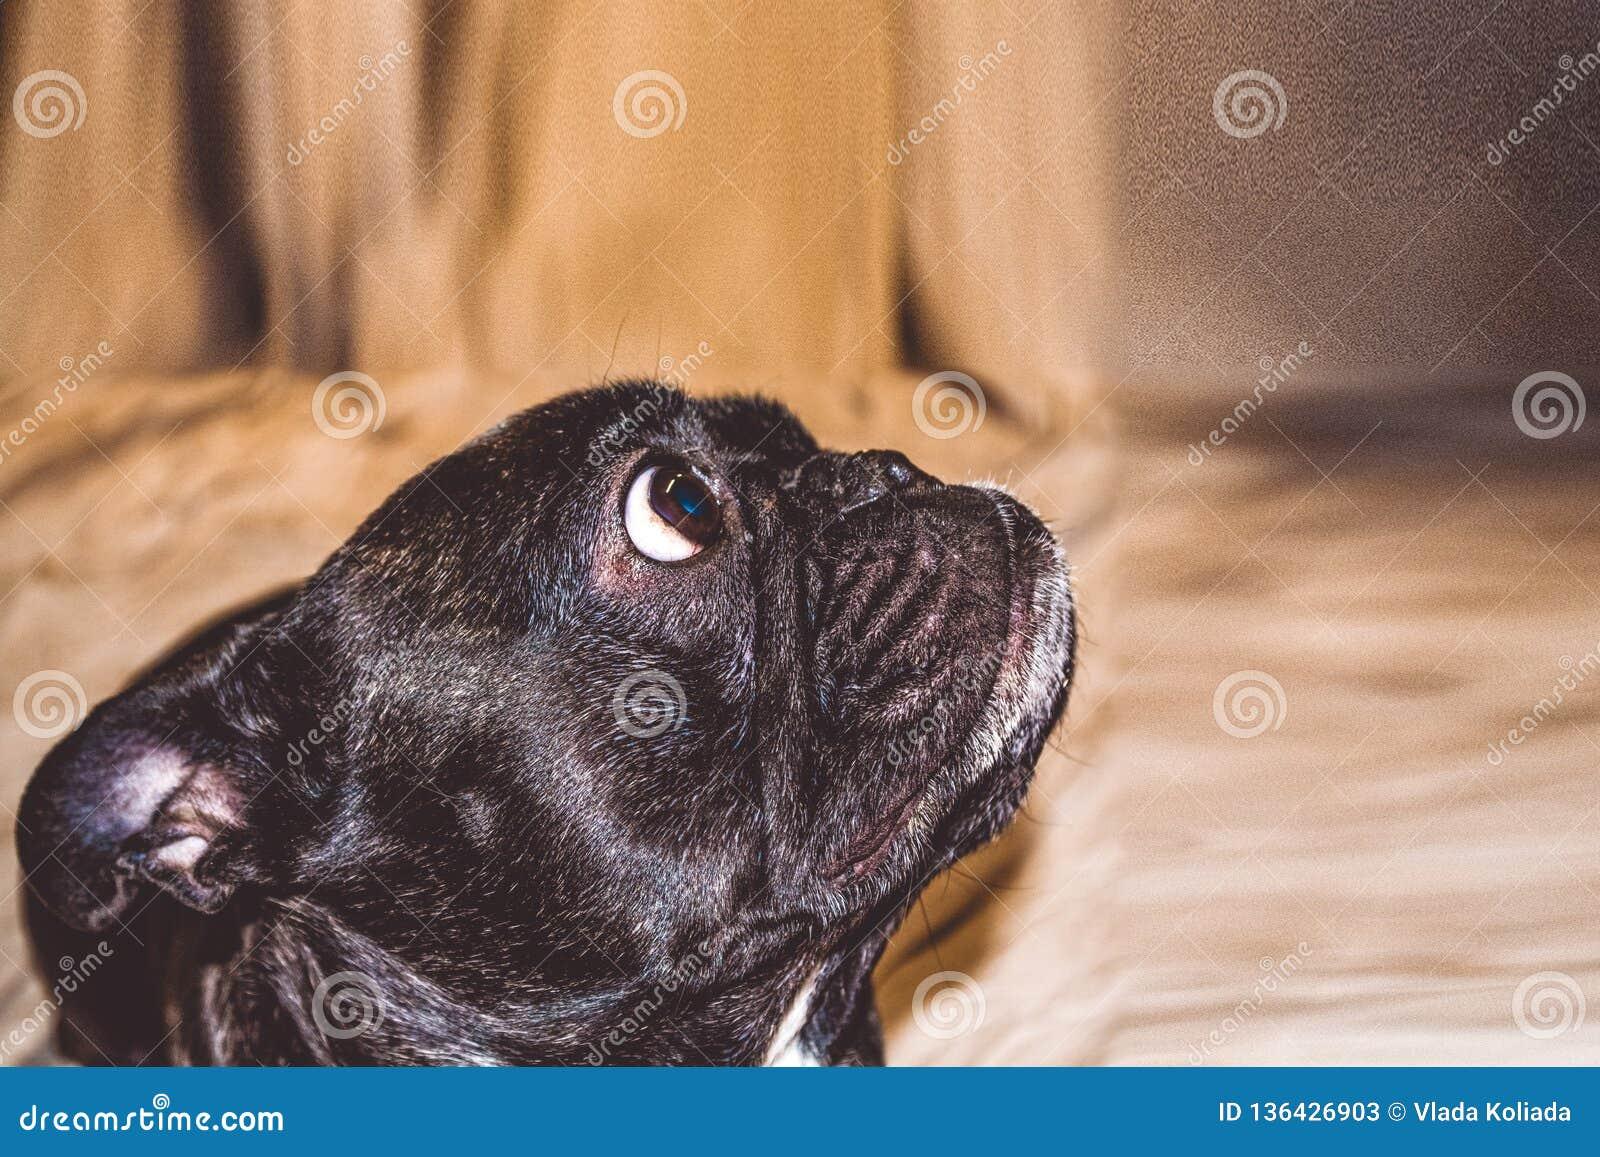 Mały pies z uroczymi oczami i wielkimi ucho Marszczący kaganiec rodowód Traken Kan Corso, Francuski buldog pet